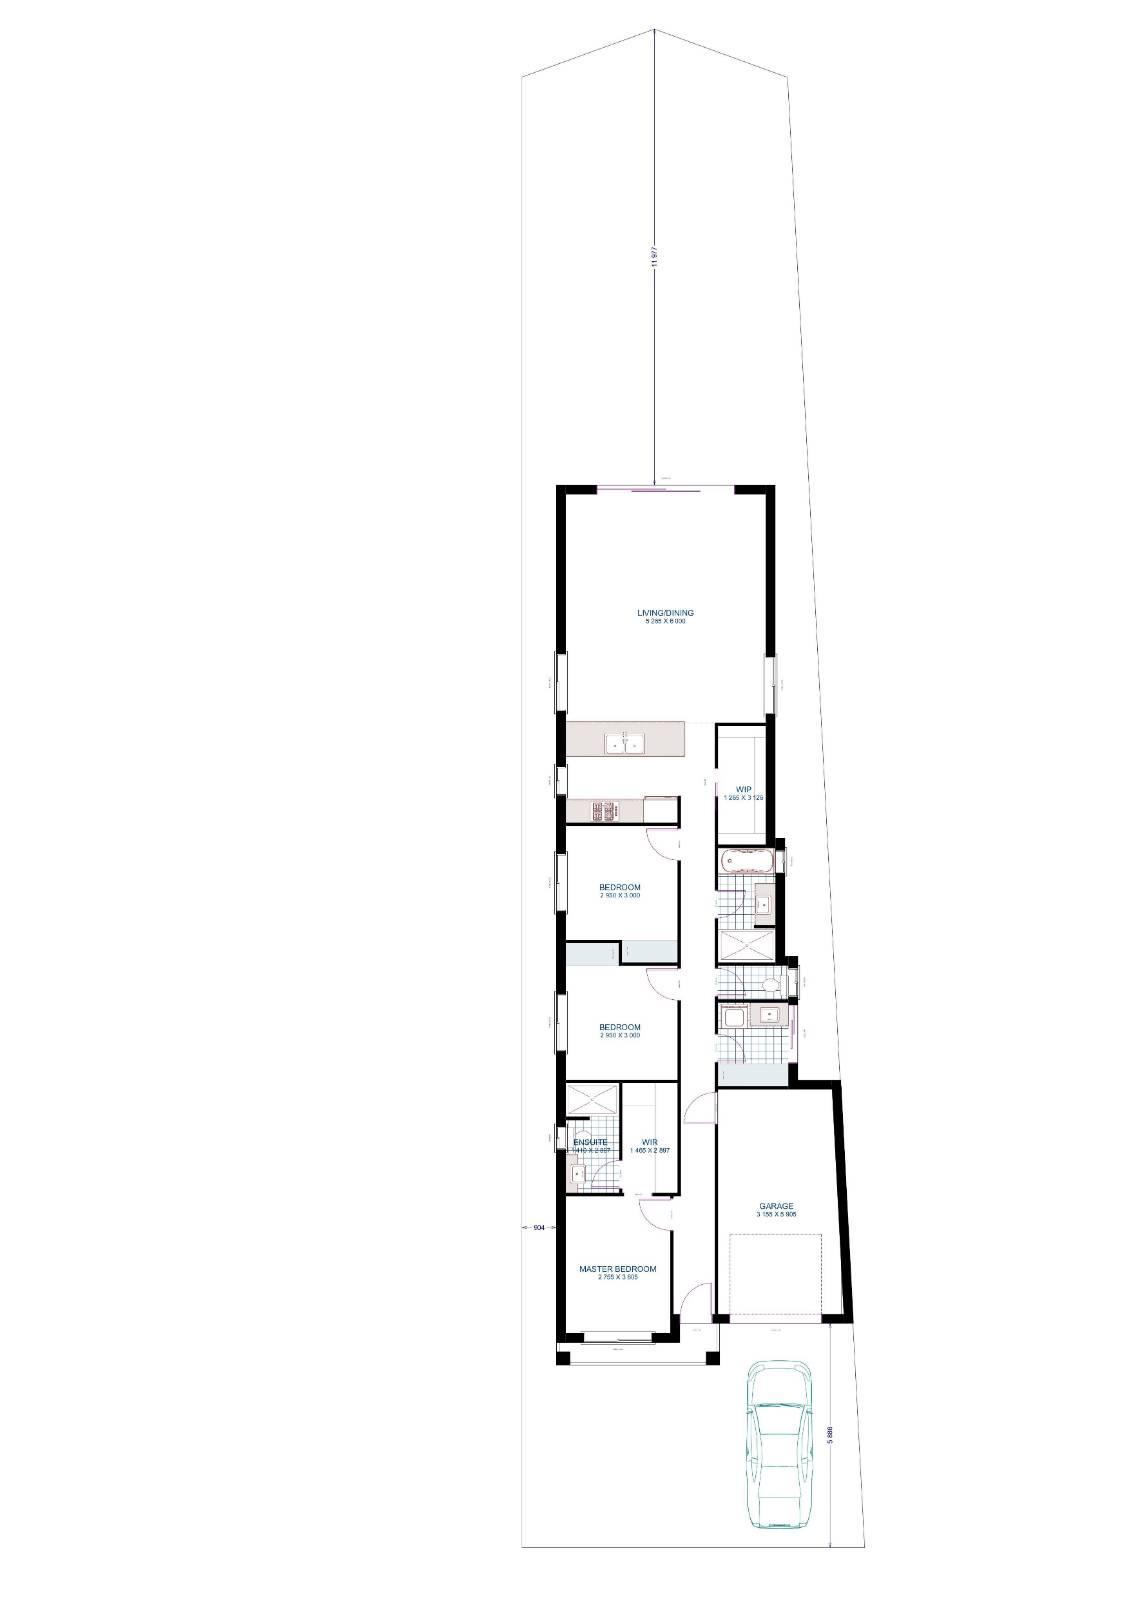 Help with Floor Plan